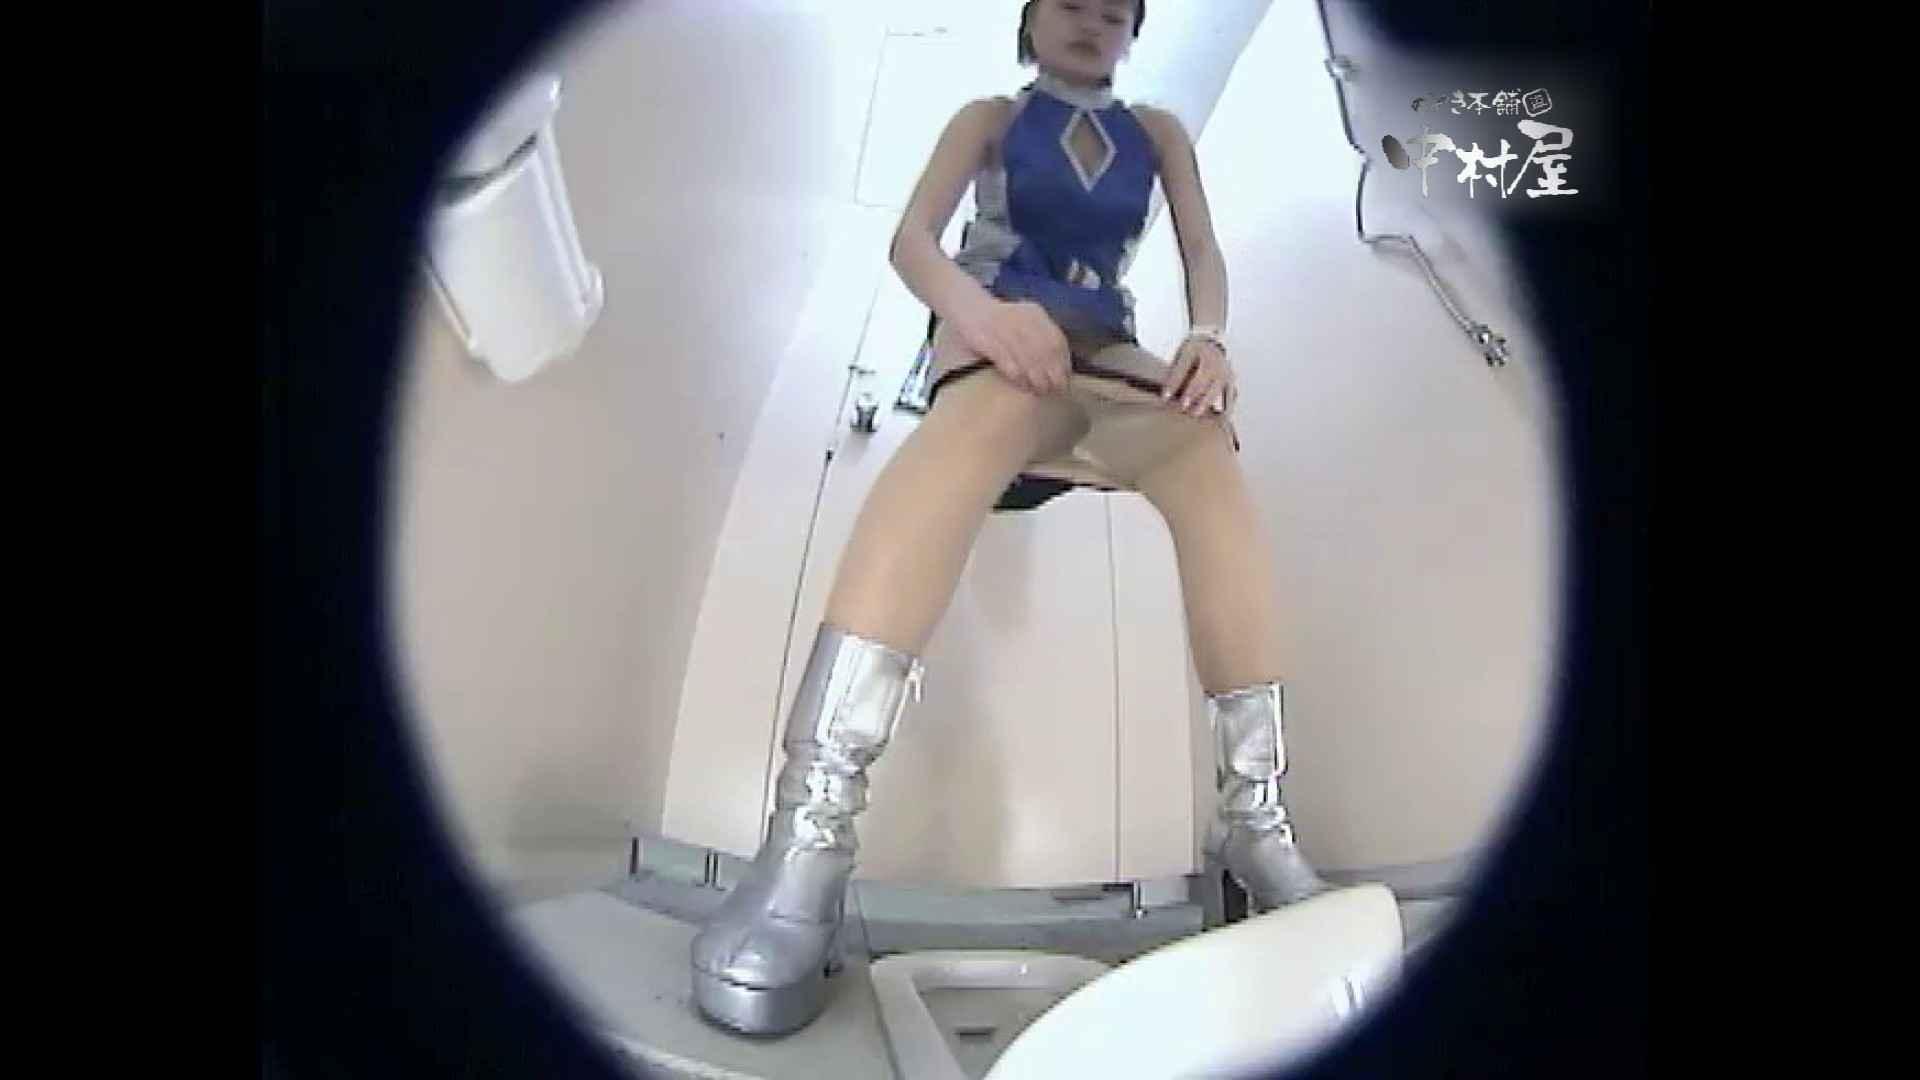 レースクィーントイレ盗撮!Vol.05 便器の中 盗み撮り動画 113PIX 62